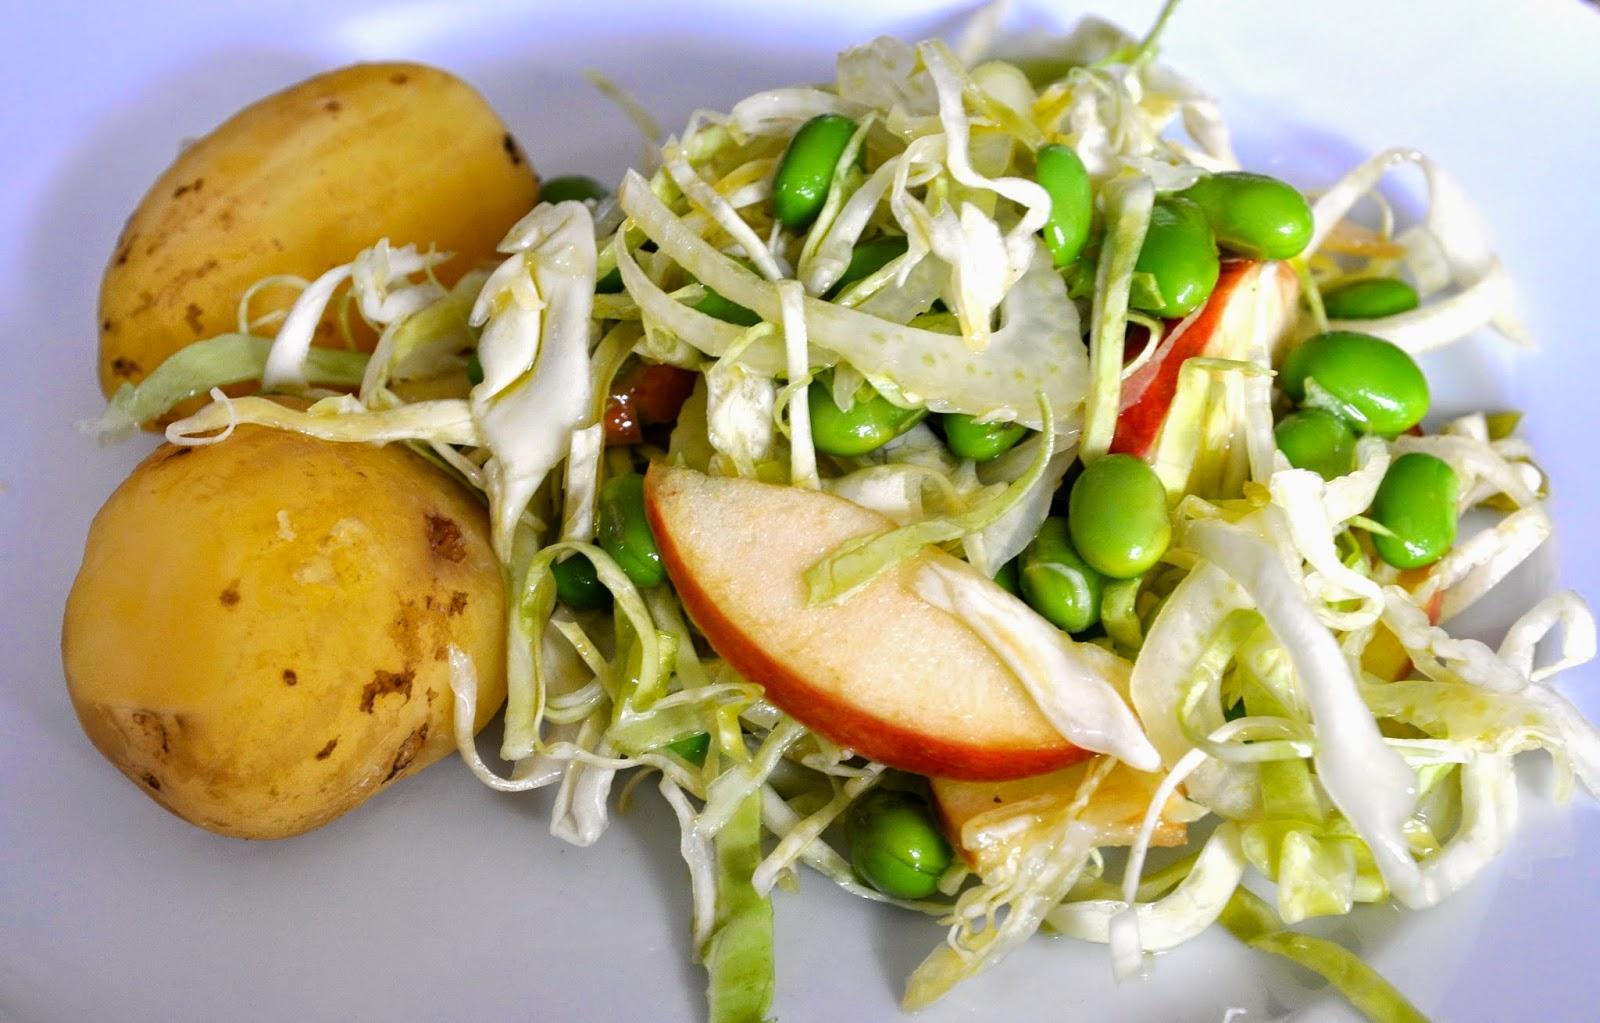 Nemme Og Lækre Opskrifter Der Virker Sprød Salat Med Fennikel